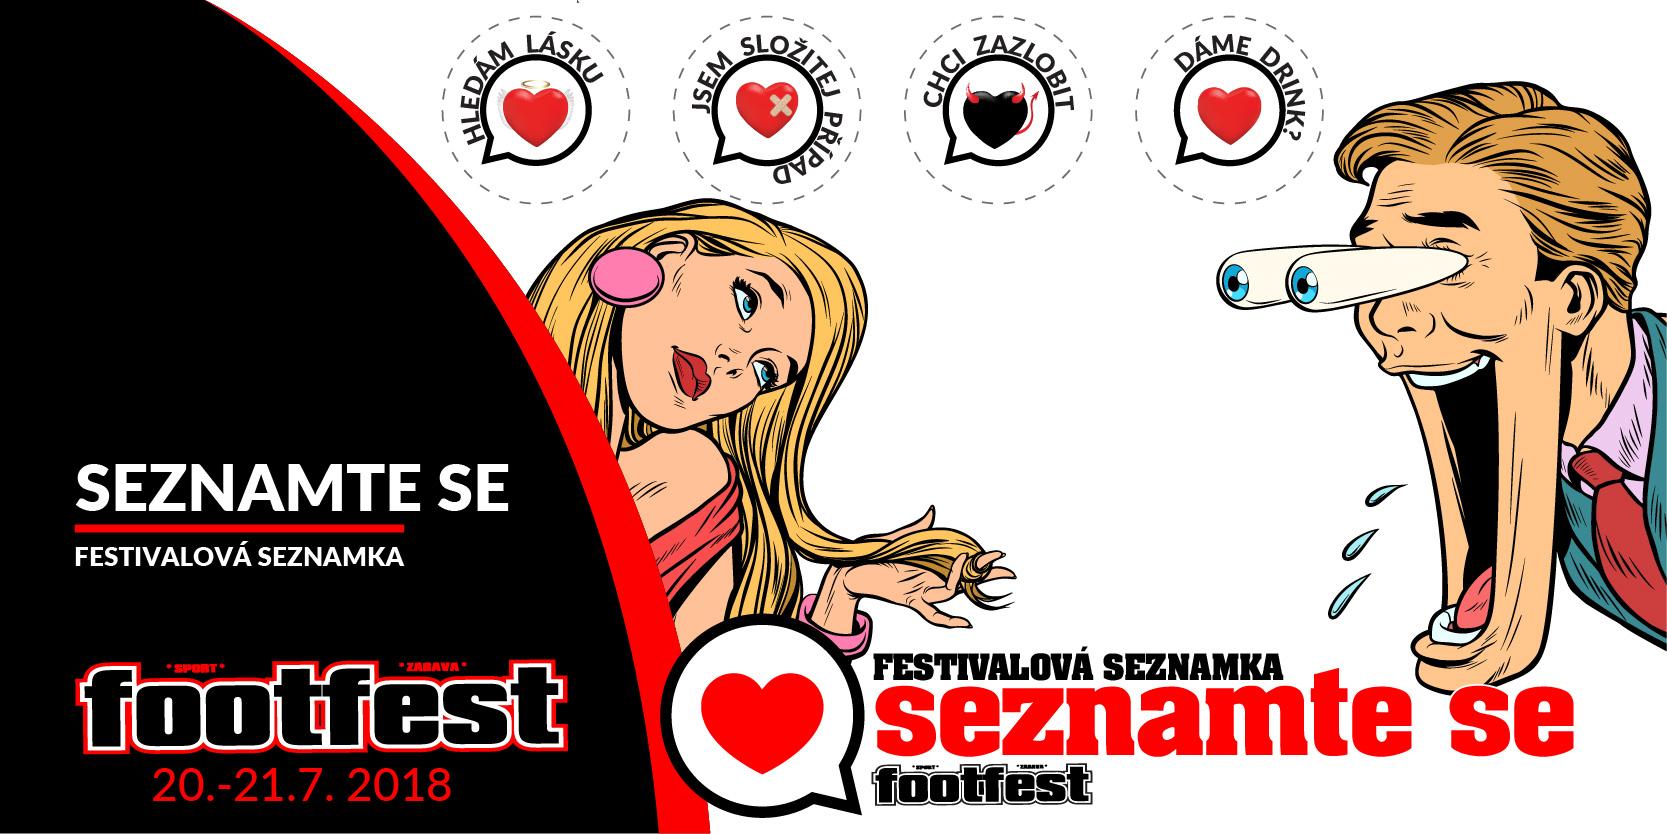 slovinské online datování